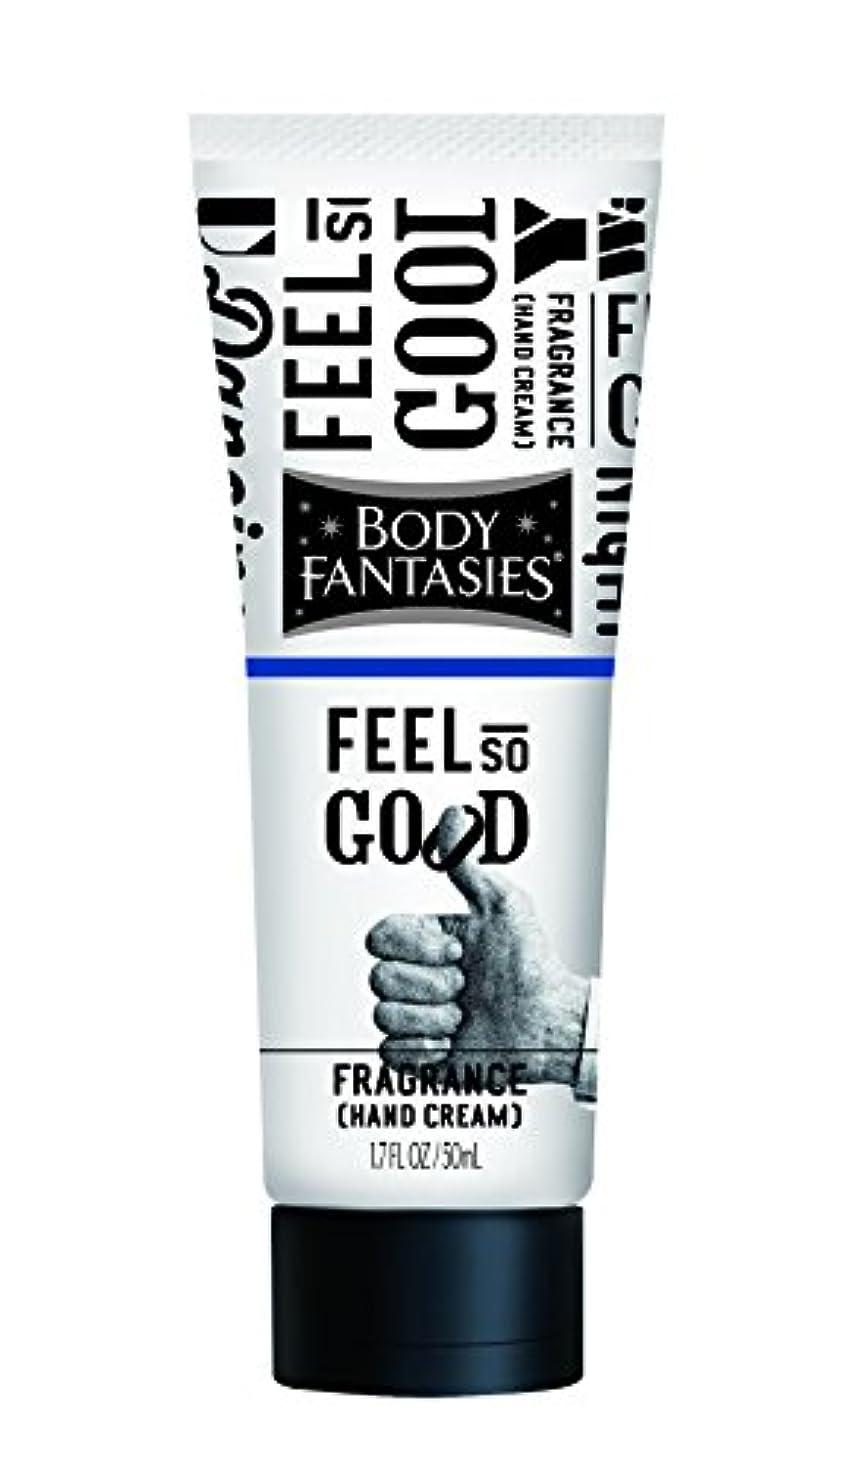 単独でブースト裁判官ボディファンタジー フレグランスハンドクリーム フィール ソー グッド FEEL SO GOOD 50ml